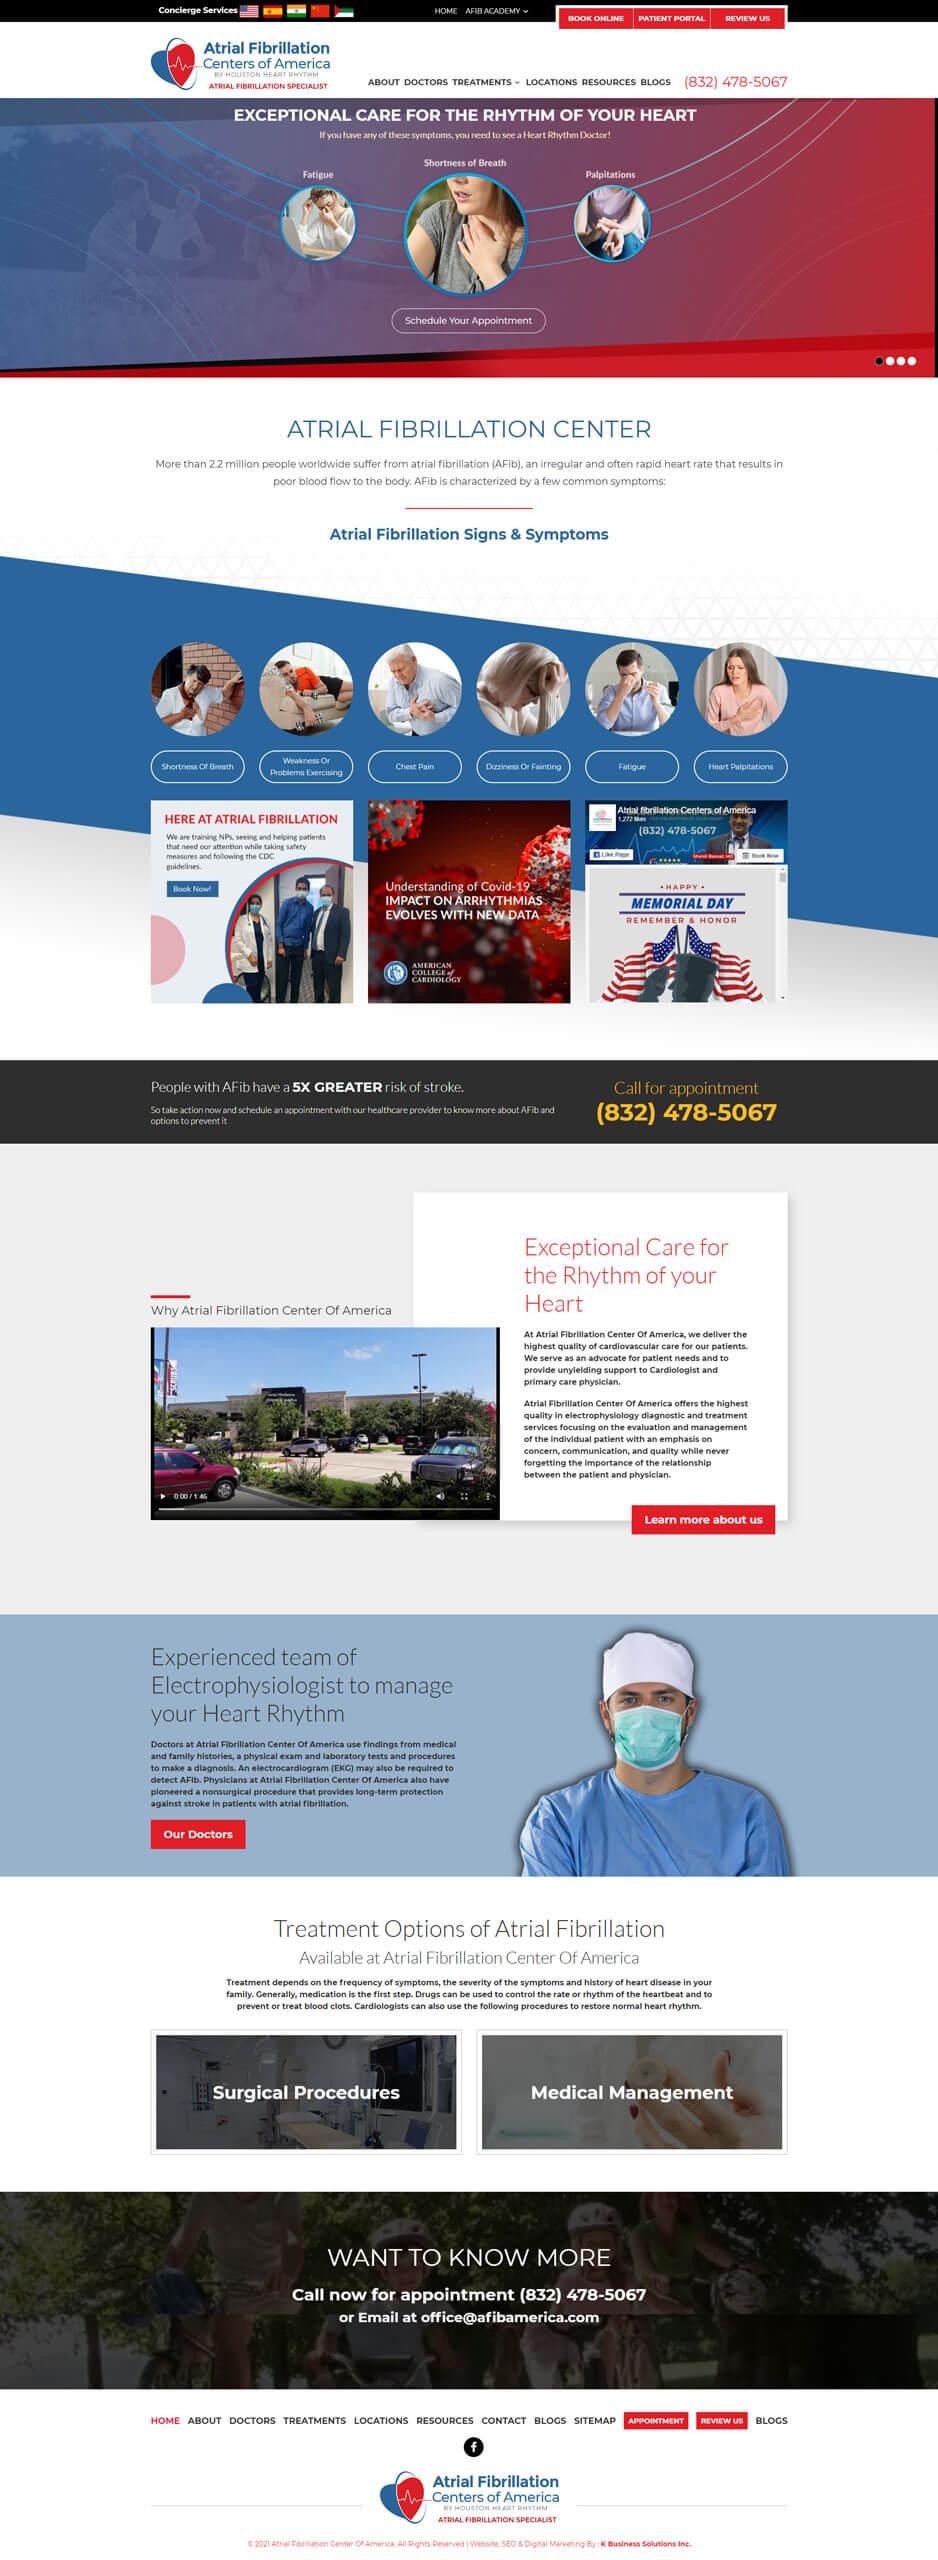 Atrial Fibrillation Center